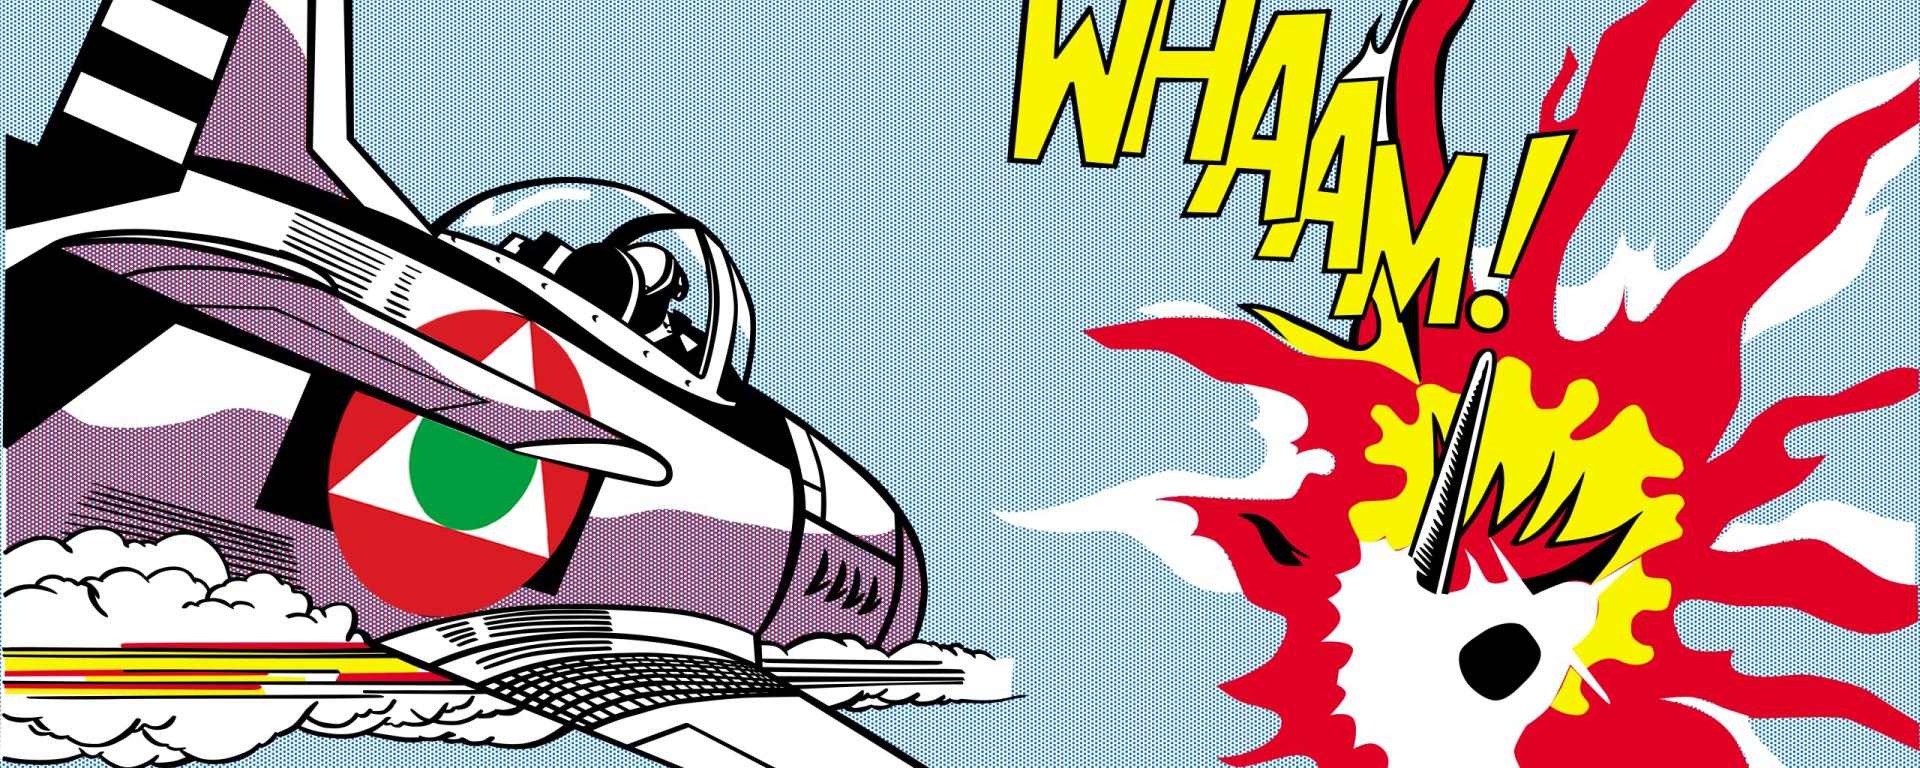 whaam! (1963)pop artist roy lichtenstein wallpaper and